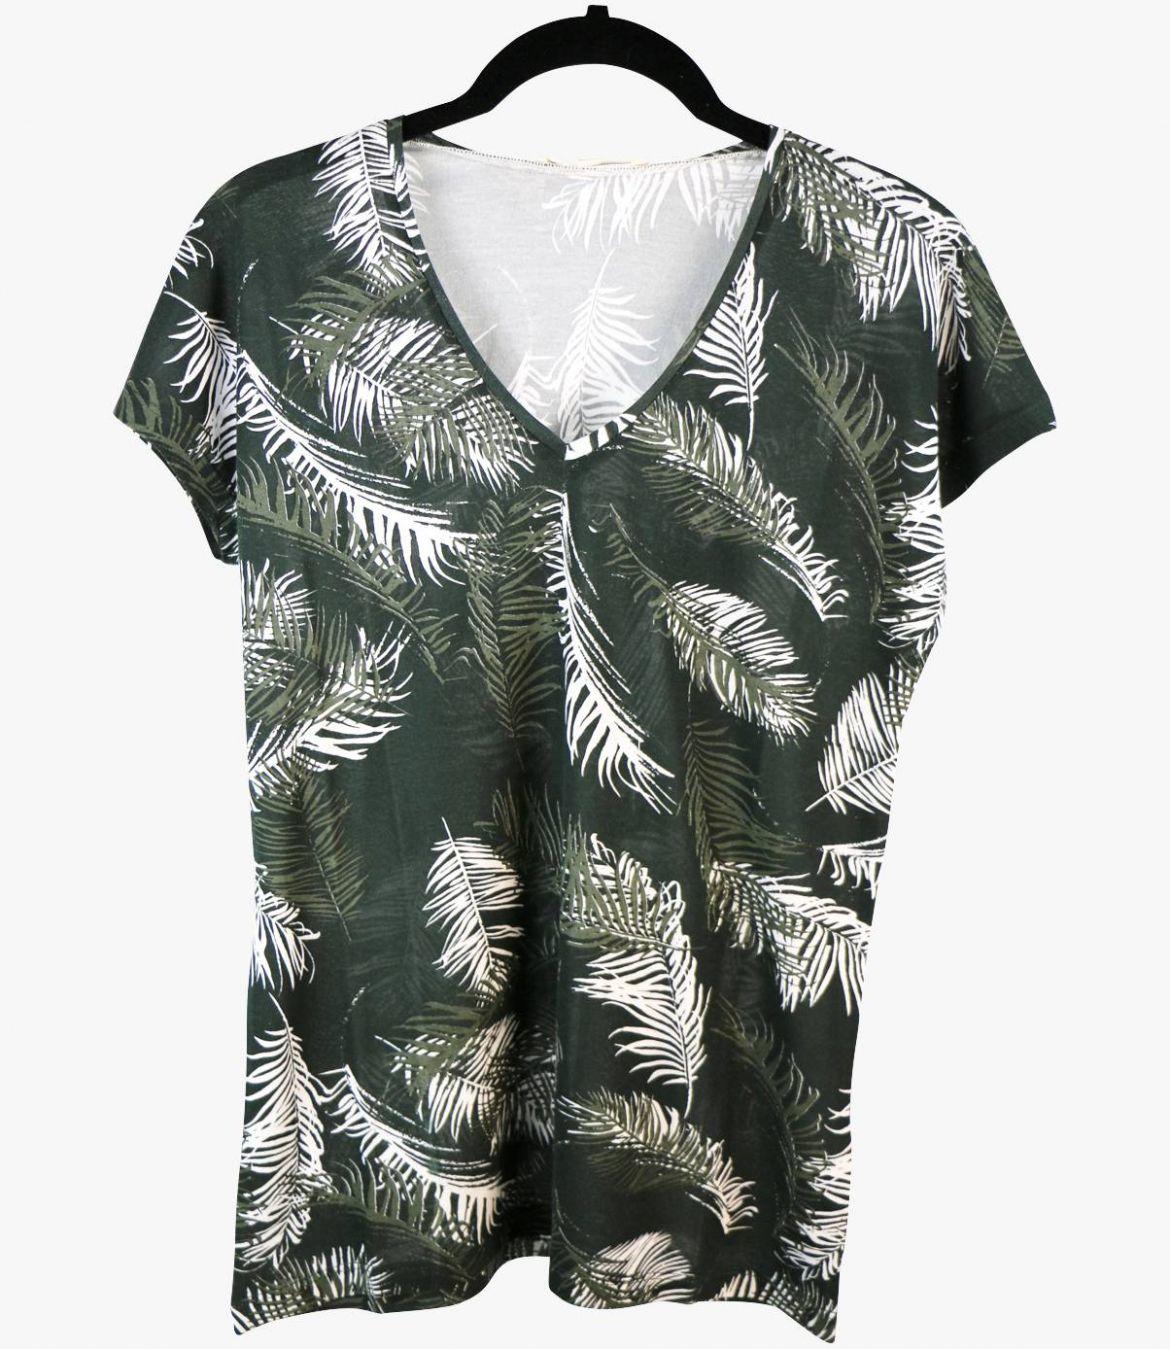 EVI PALOMA T-Shirt en Coton, Modal pour Femme Storiatipic - 2